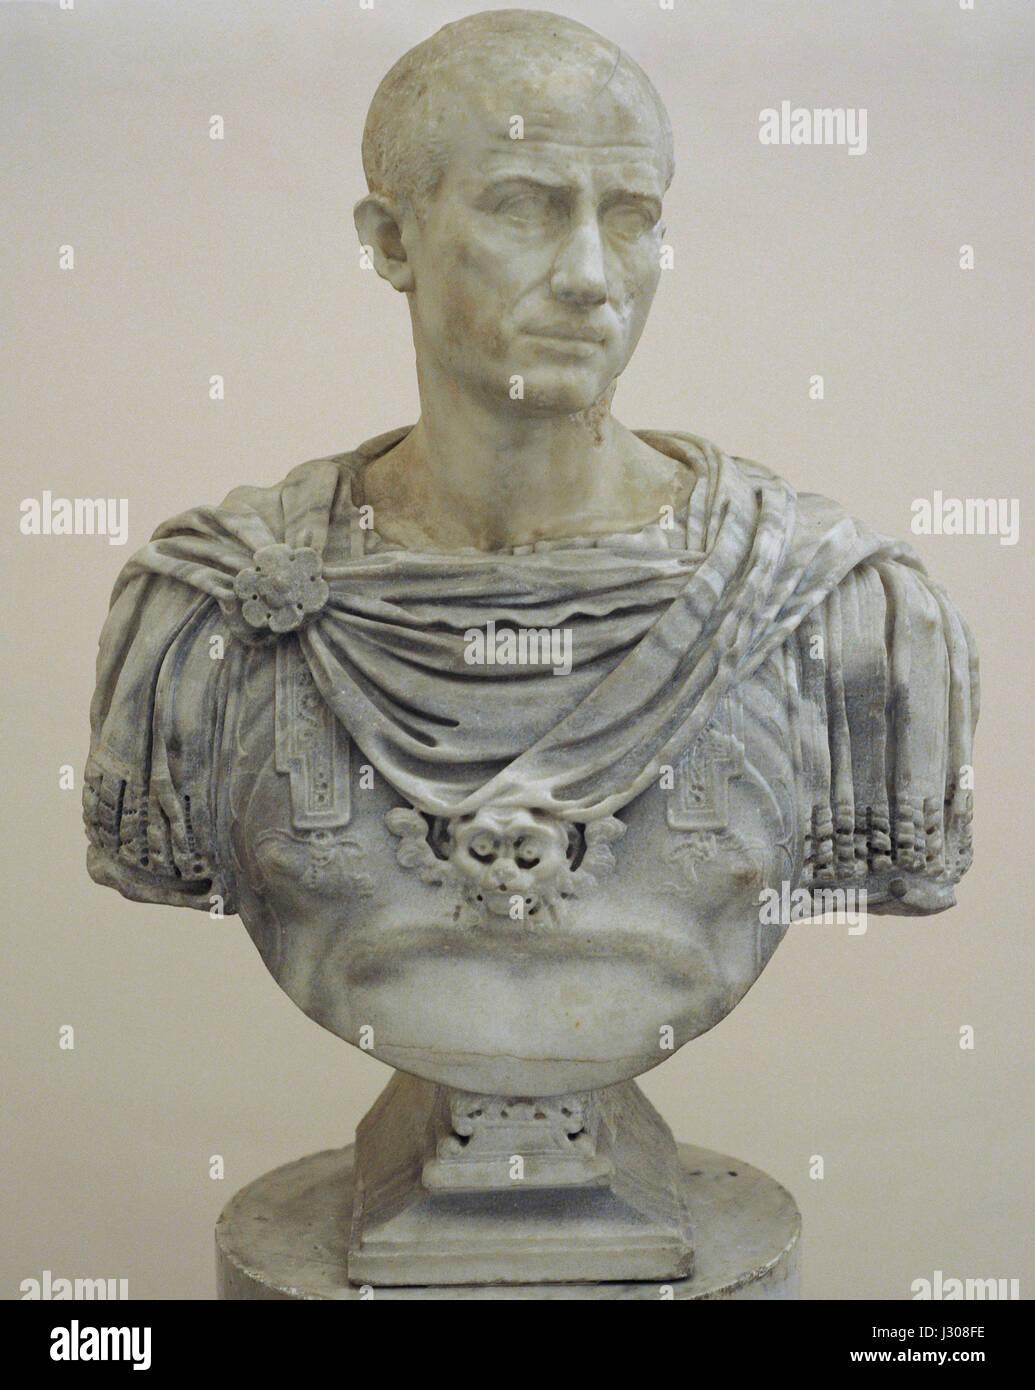 Unidentified portrait. Modern bust by the Italian sculptor Guglielmo della Porta (c. 1500-1577). Guglielmo della - Stock Image